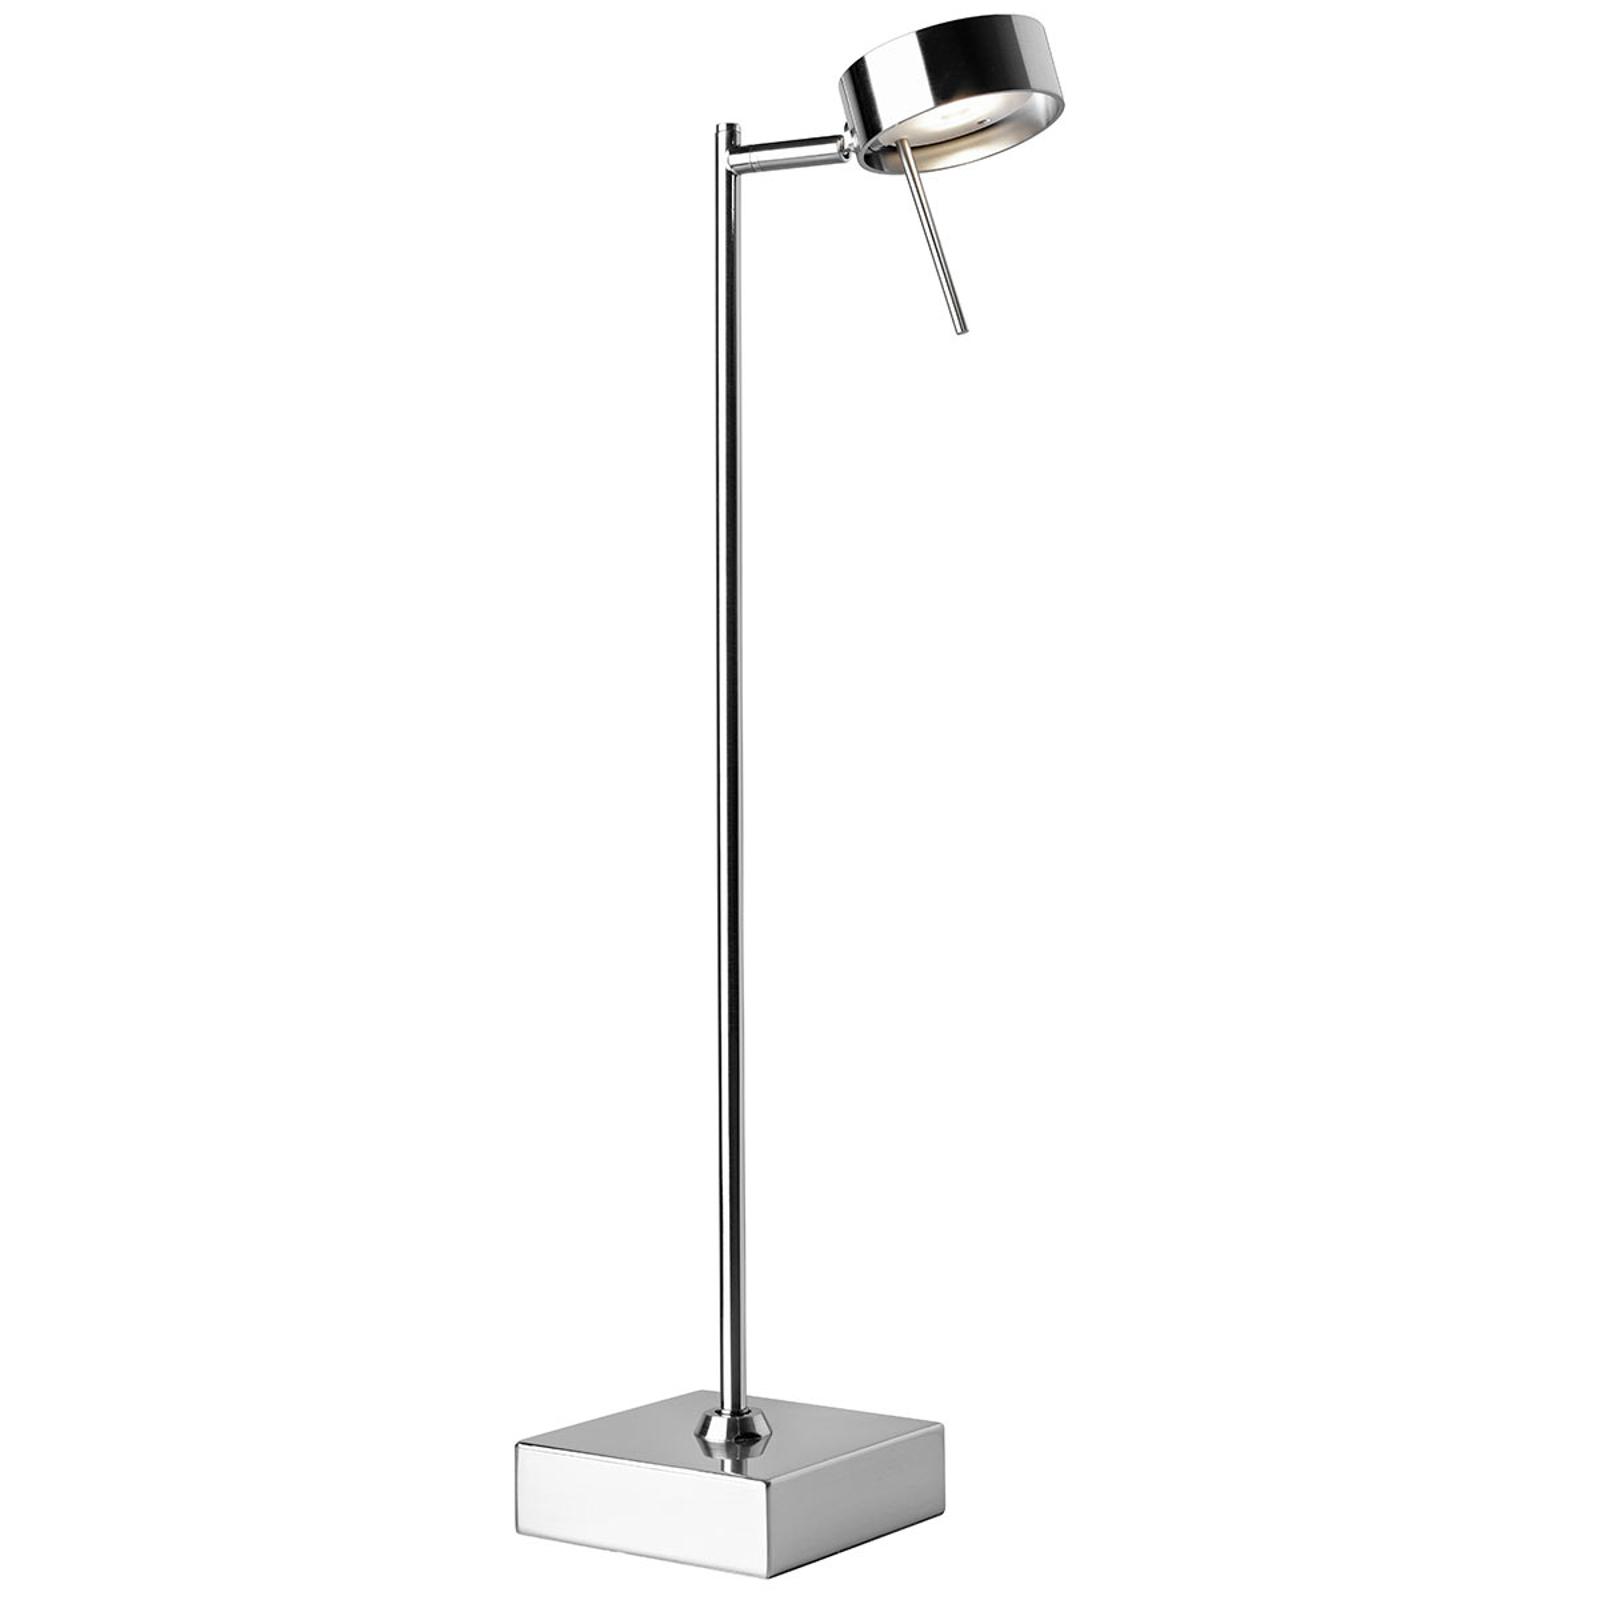 LED-pöytälamppu Bling, säädettävä, kromi